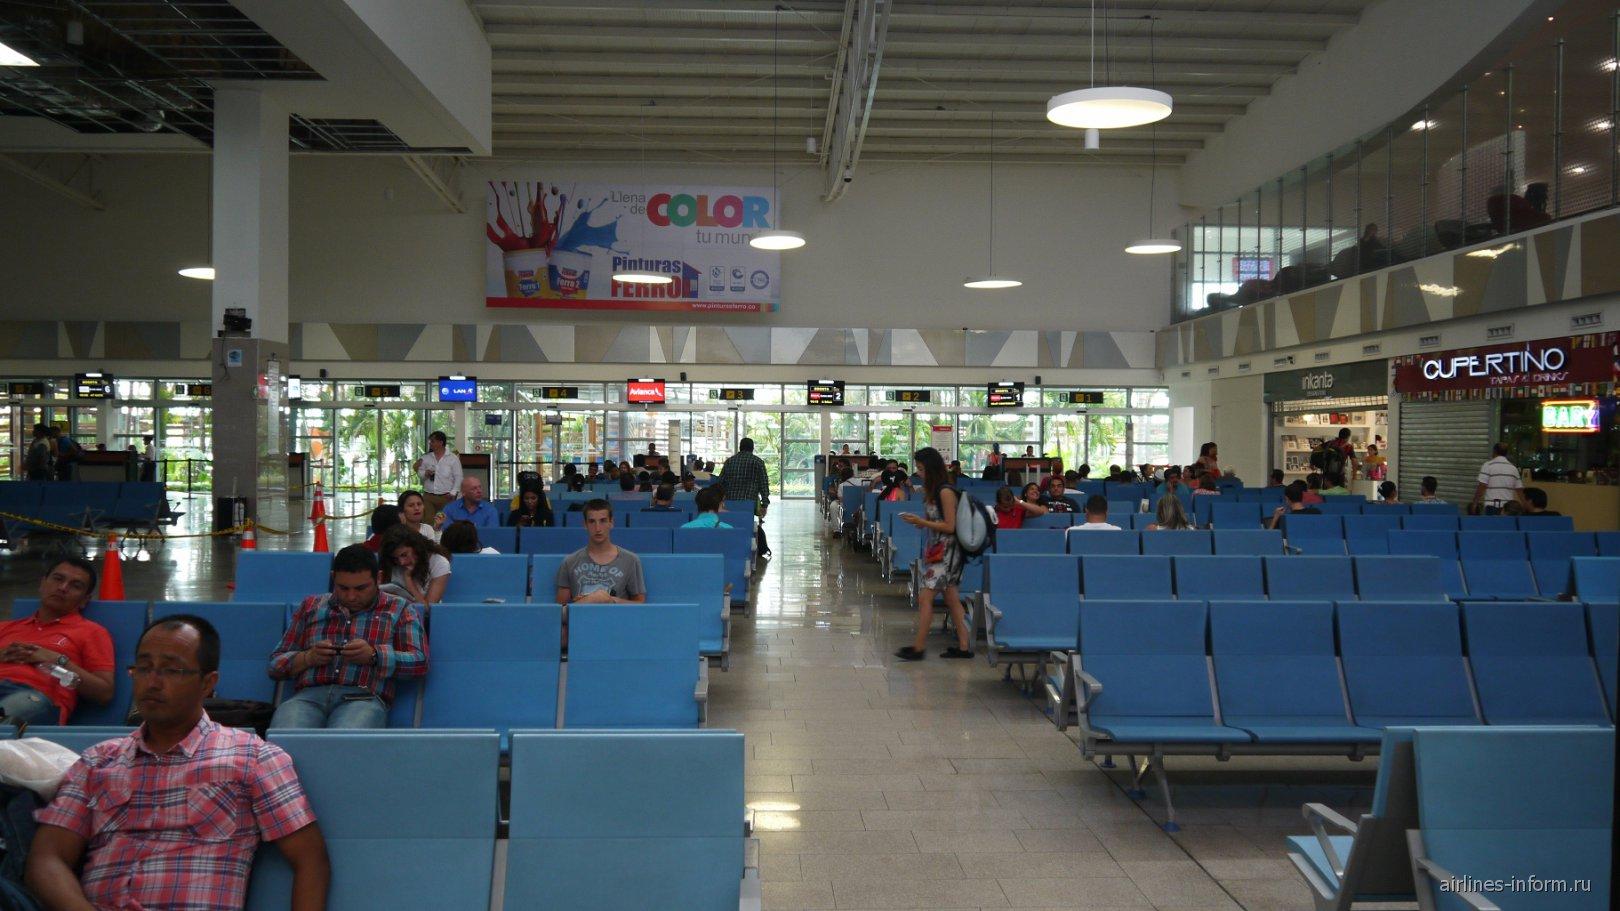 Зал ожидания в аэропорту Картахена Рафаэль Нуньес